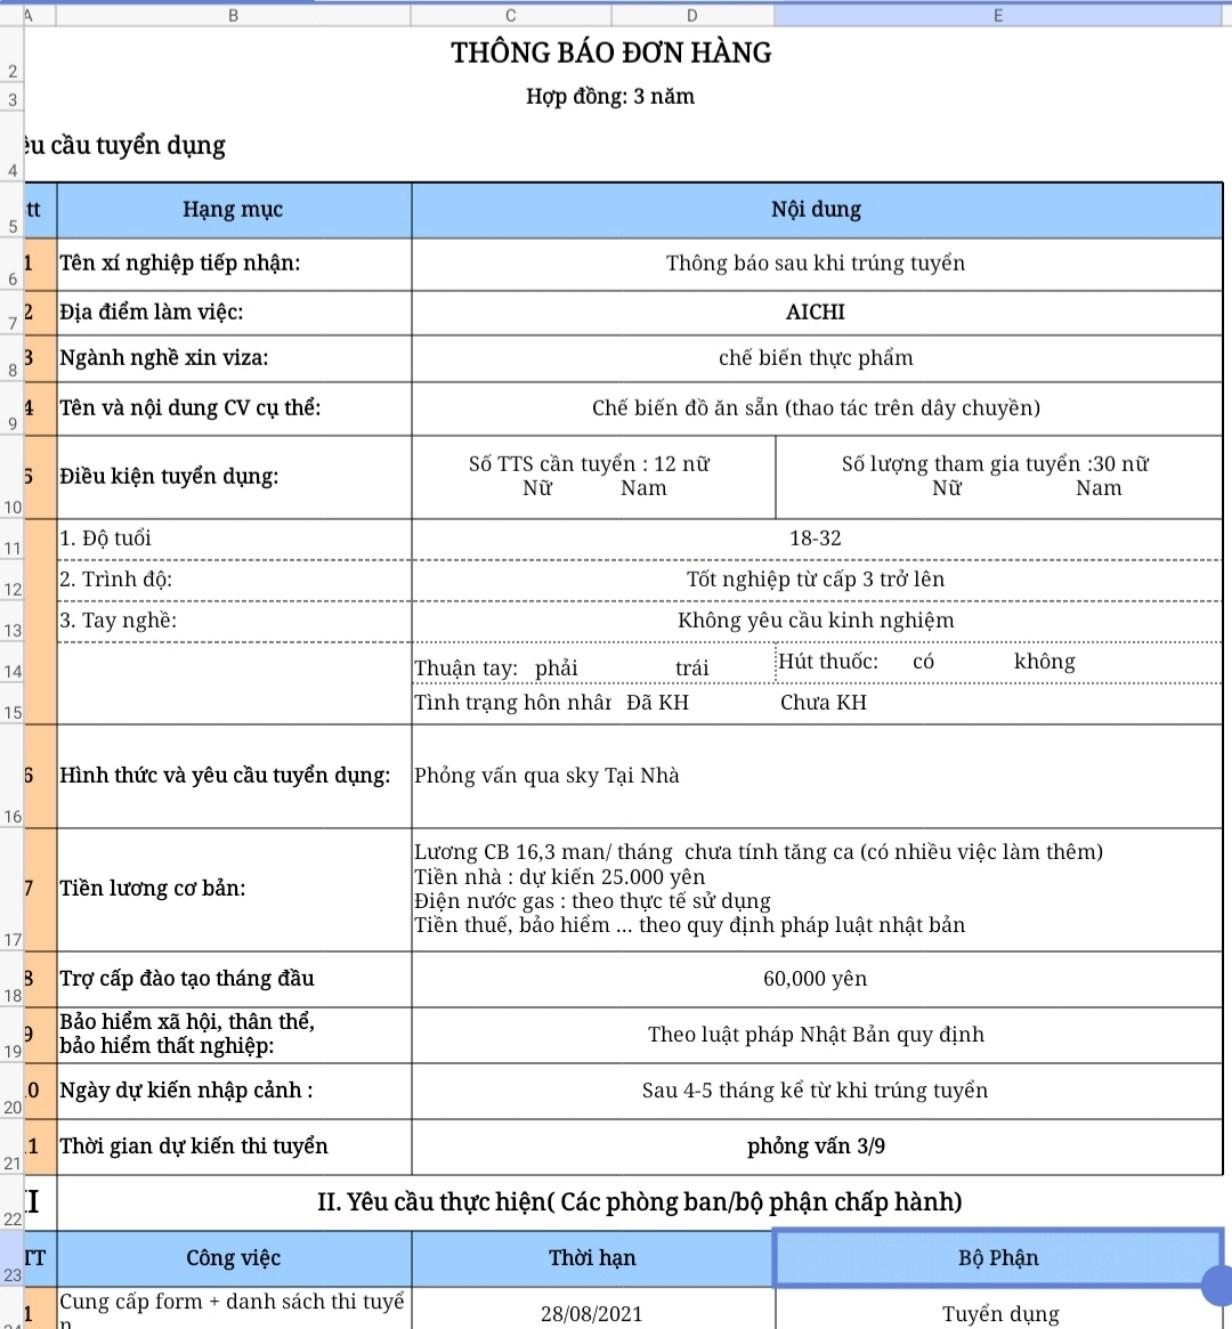 file chi tiết đơn hàng đi nhật của bộ làm chế biến thực phẩm